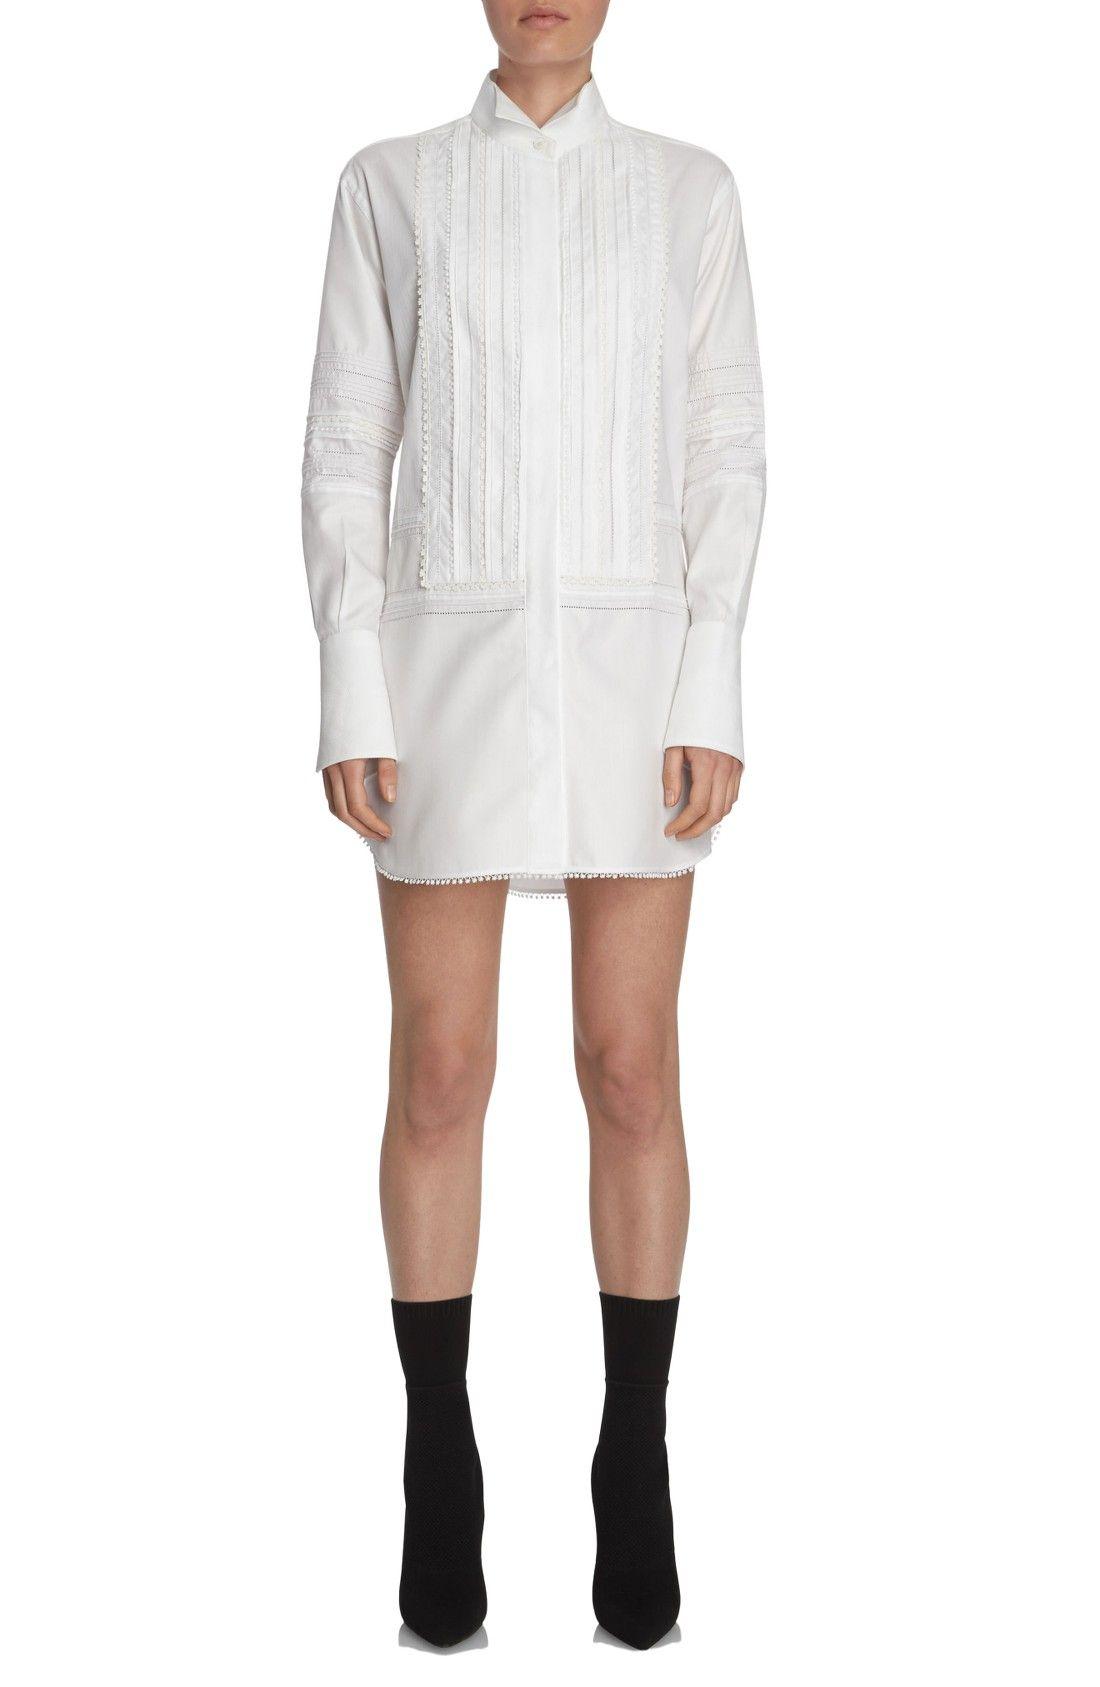 New BURBERRY Pintuck Cotton Shirtdress fashion online. [$1195]?@shop hoodress<<